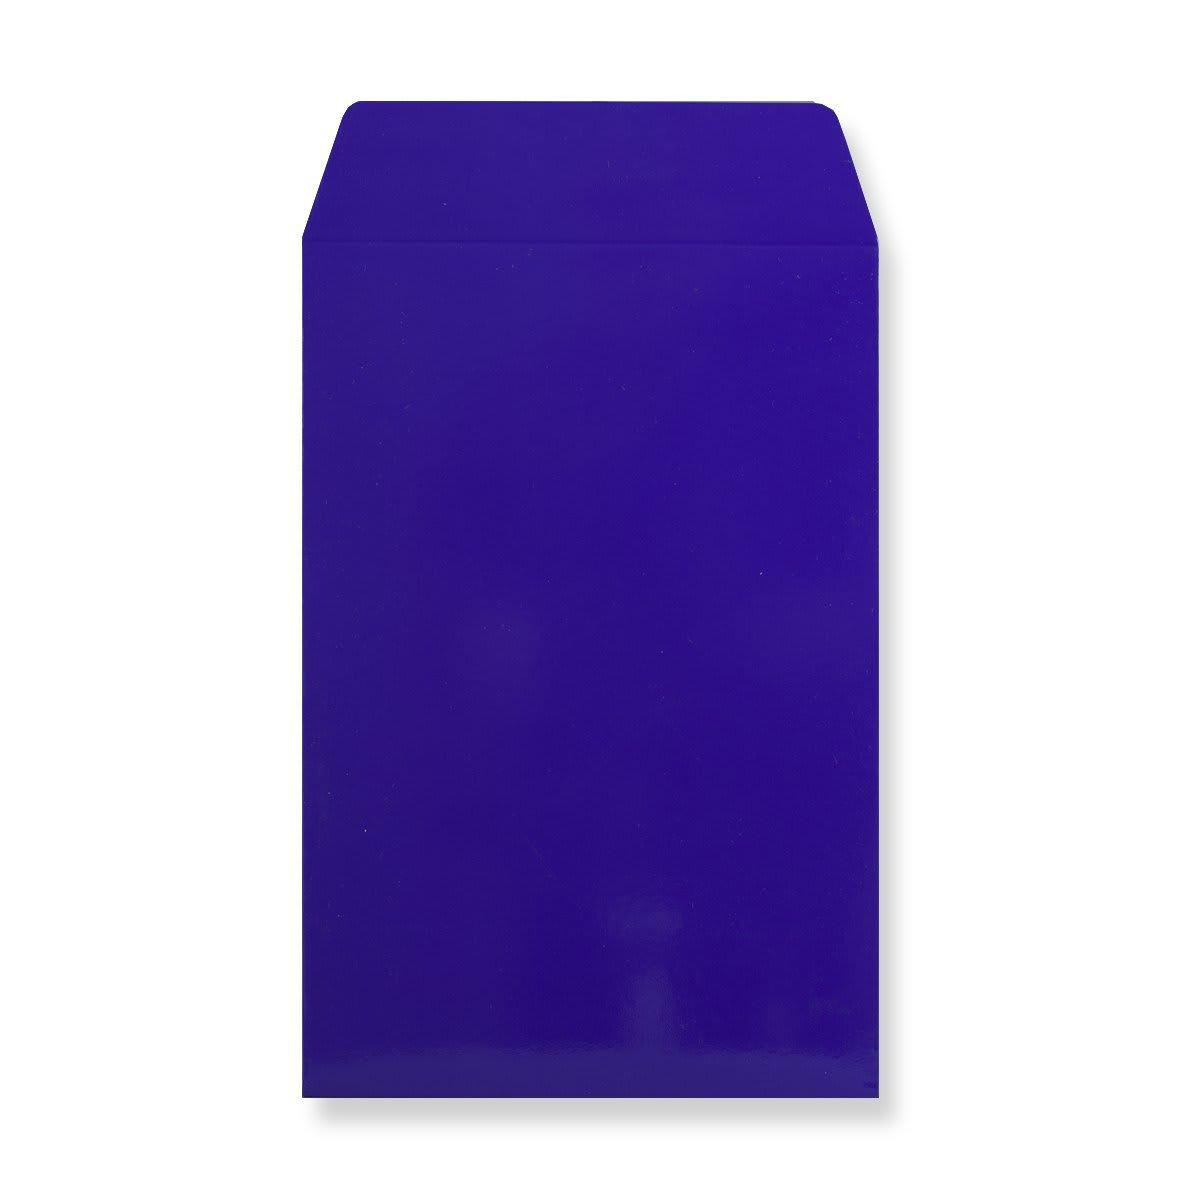 C5 BLUE ALL BOARD ENVELOPES